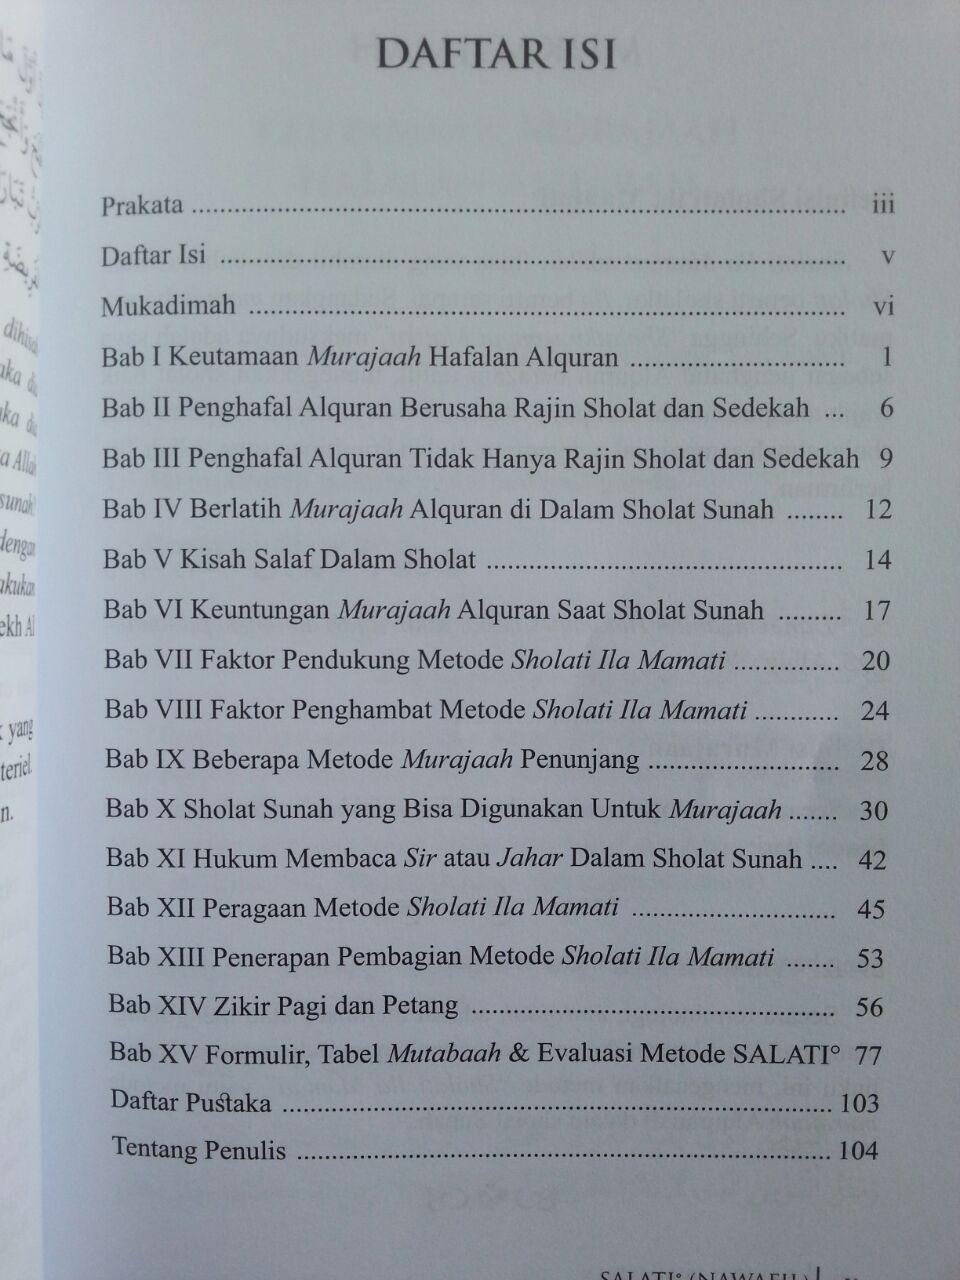 Buku Sholati Ila Mamati Metode Penerapan Murajaah Alquran Pada Sholat Sunnah isi